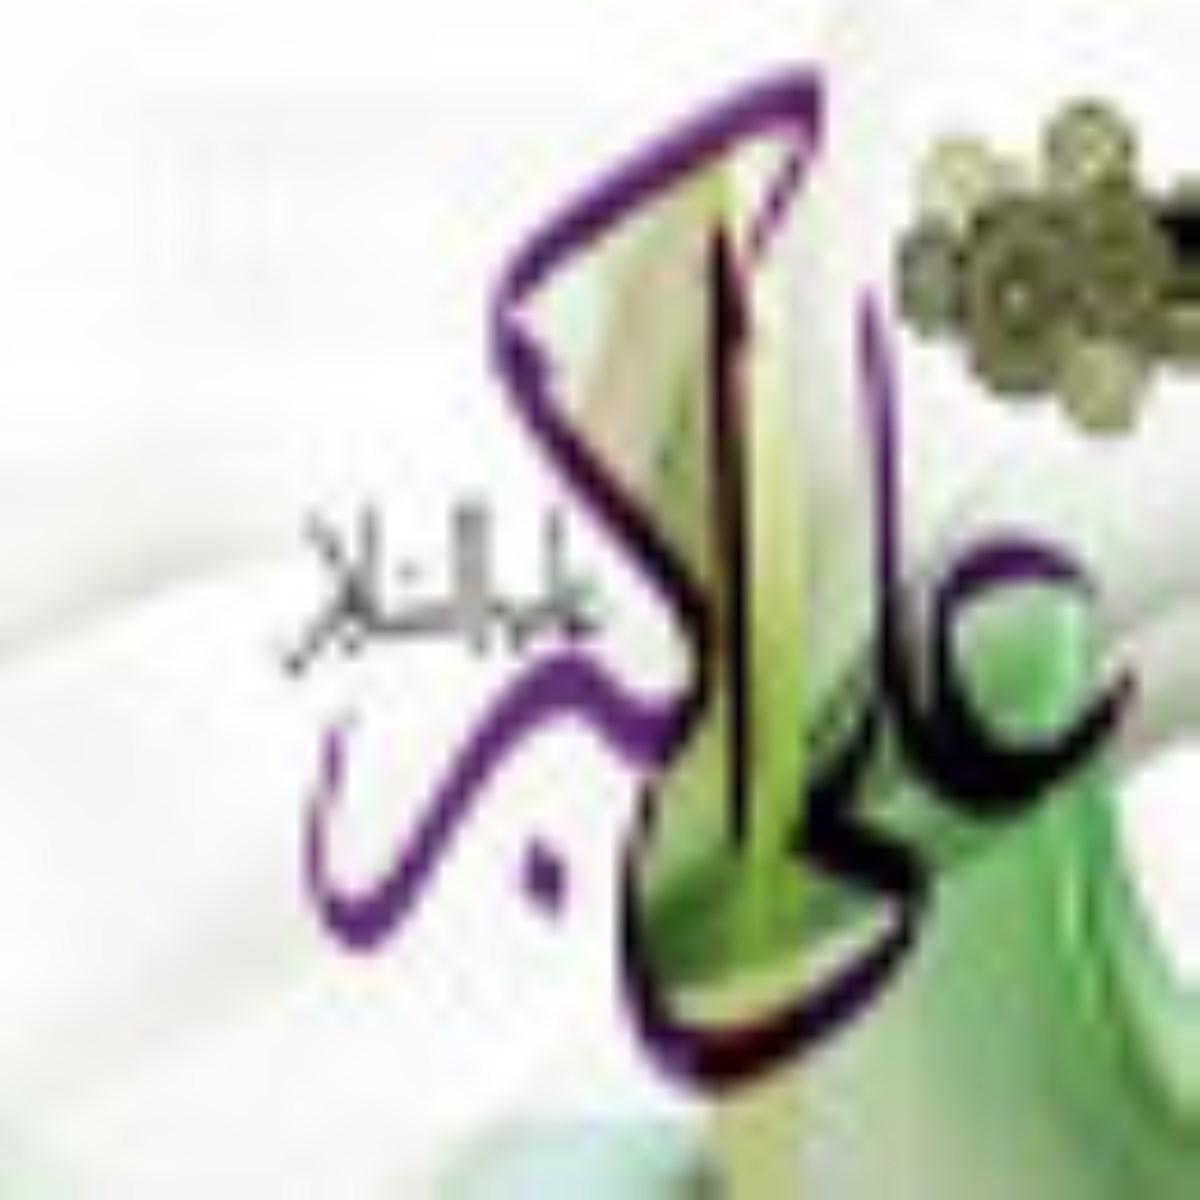 حضرت علی اکبر؛ الگوی جوانان